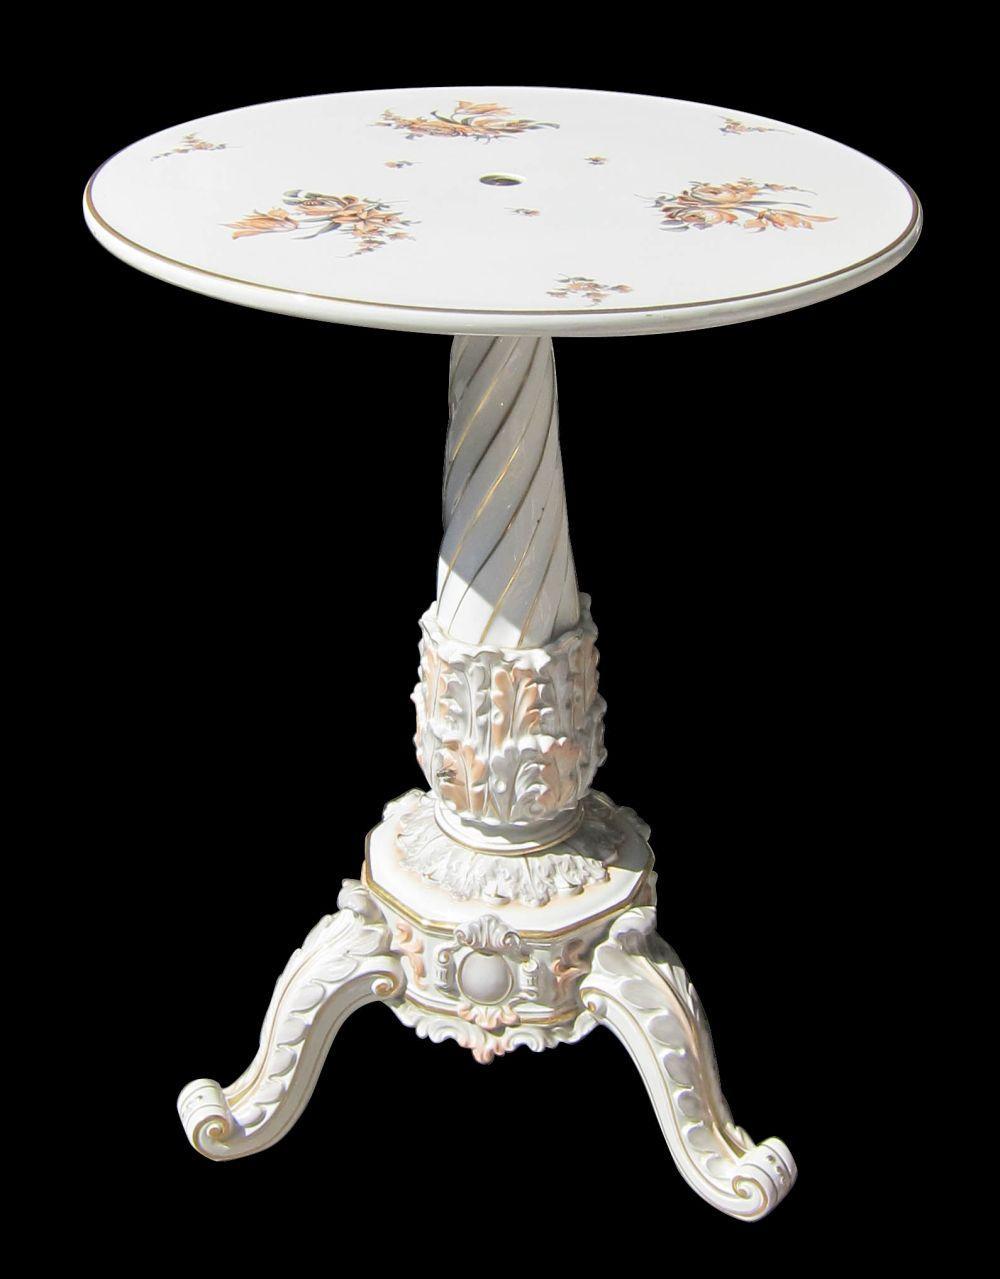 Capodimonte porcelain table